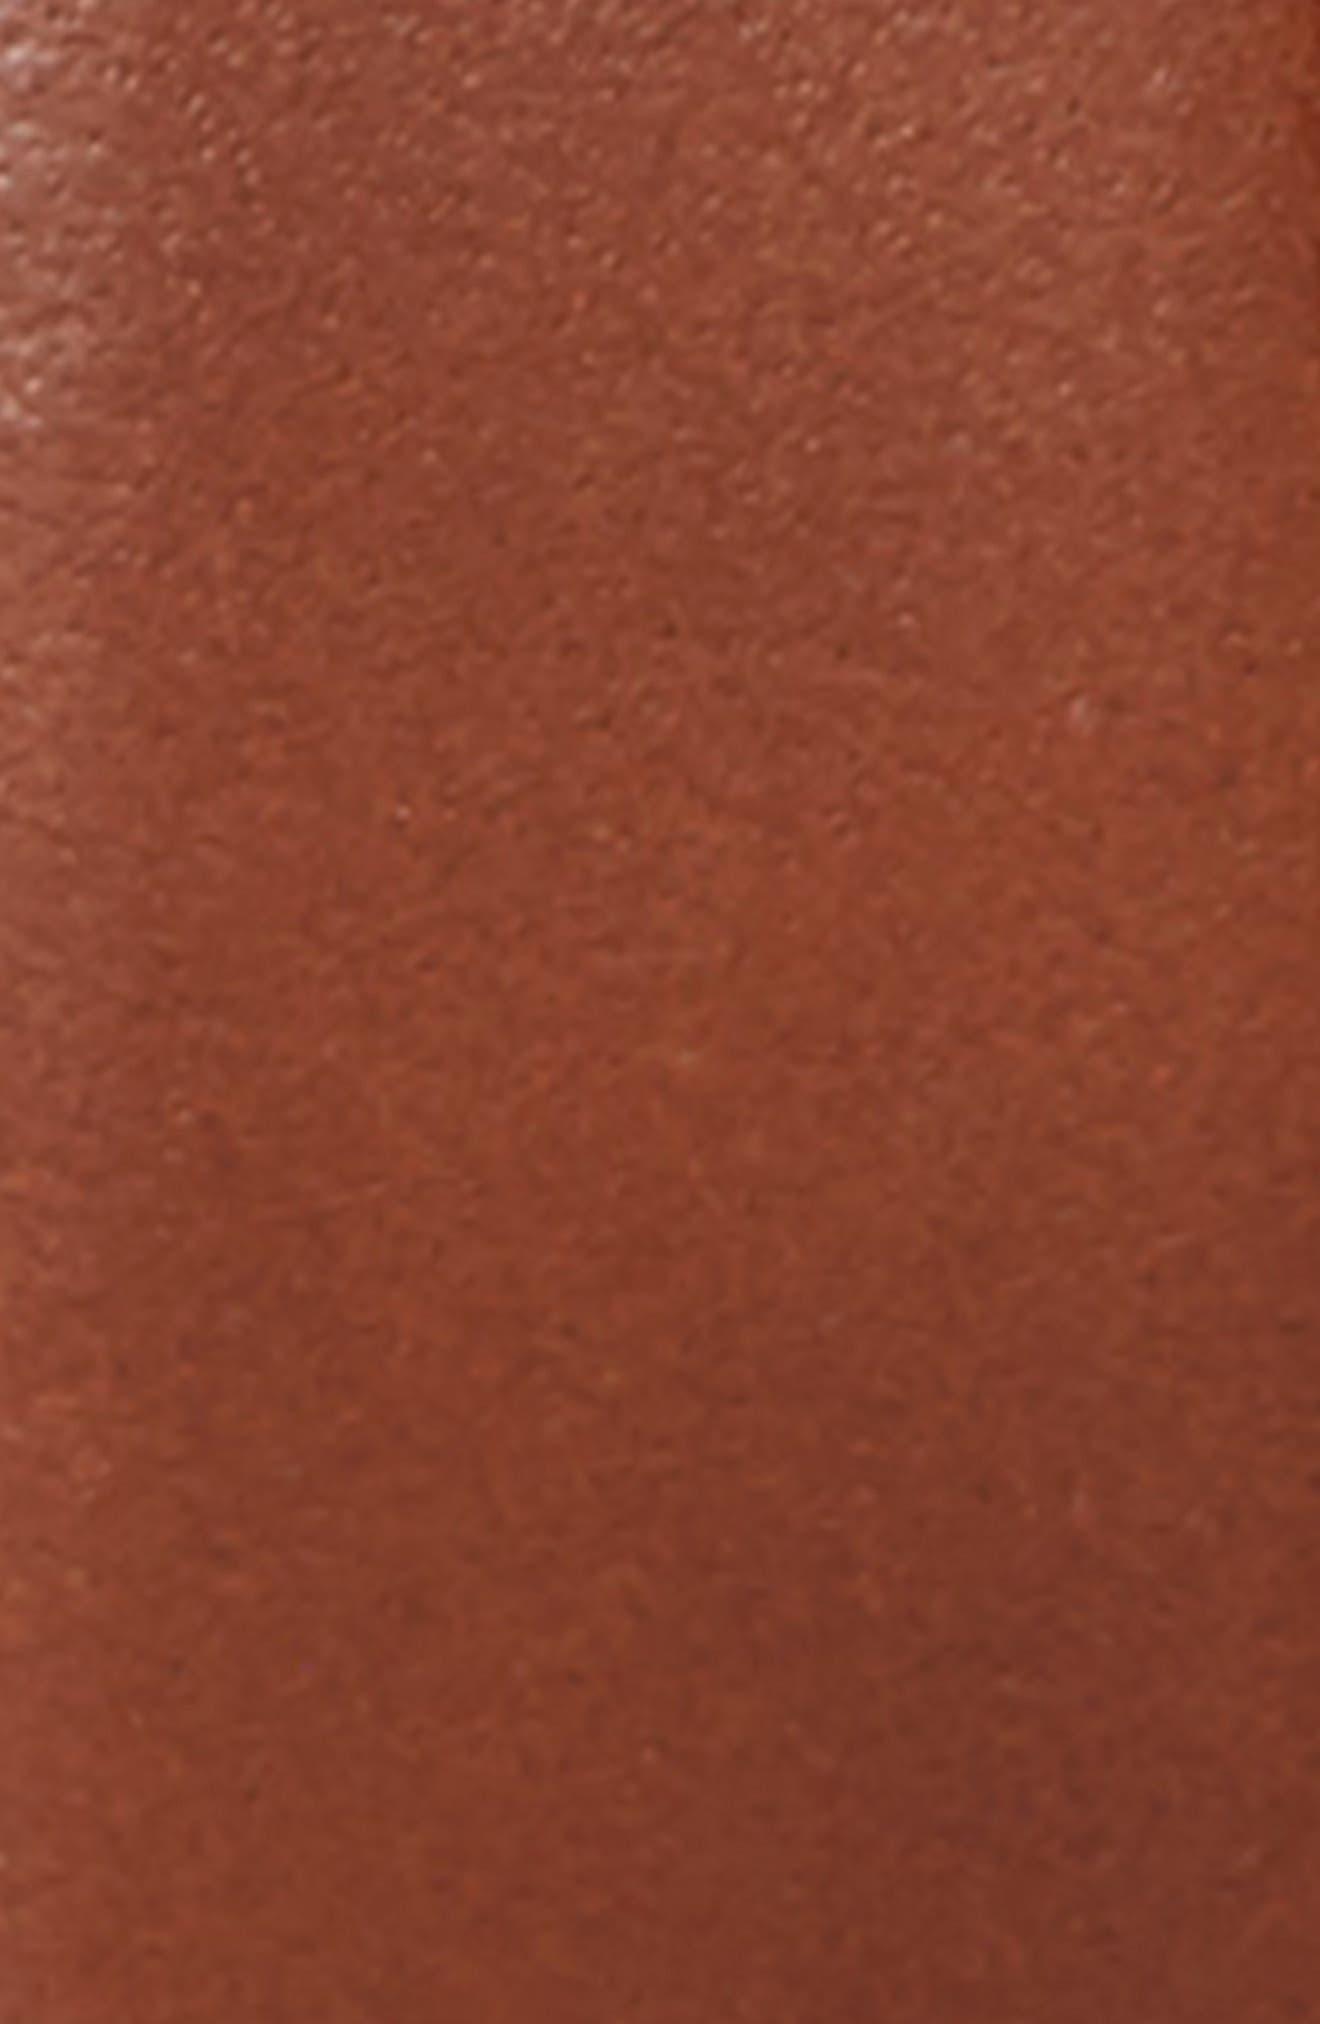 Reversible Leather Belt,                             Alternate thumbnail 3, color,                             COGNAC BLACK